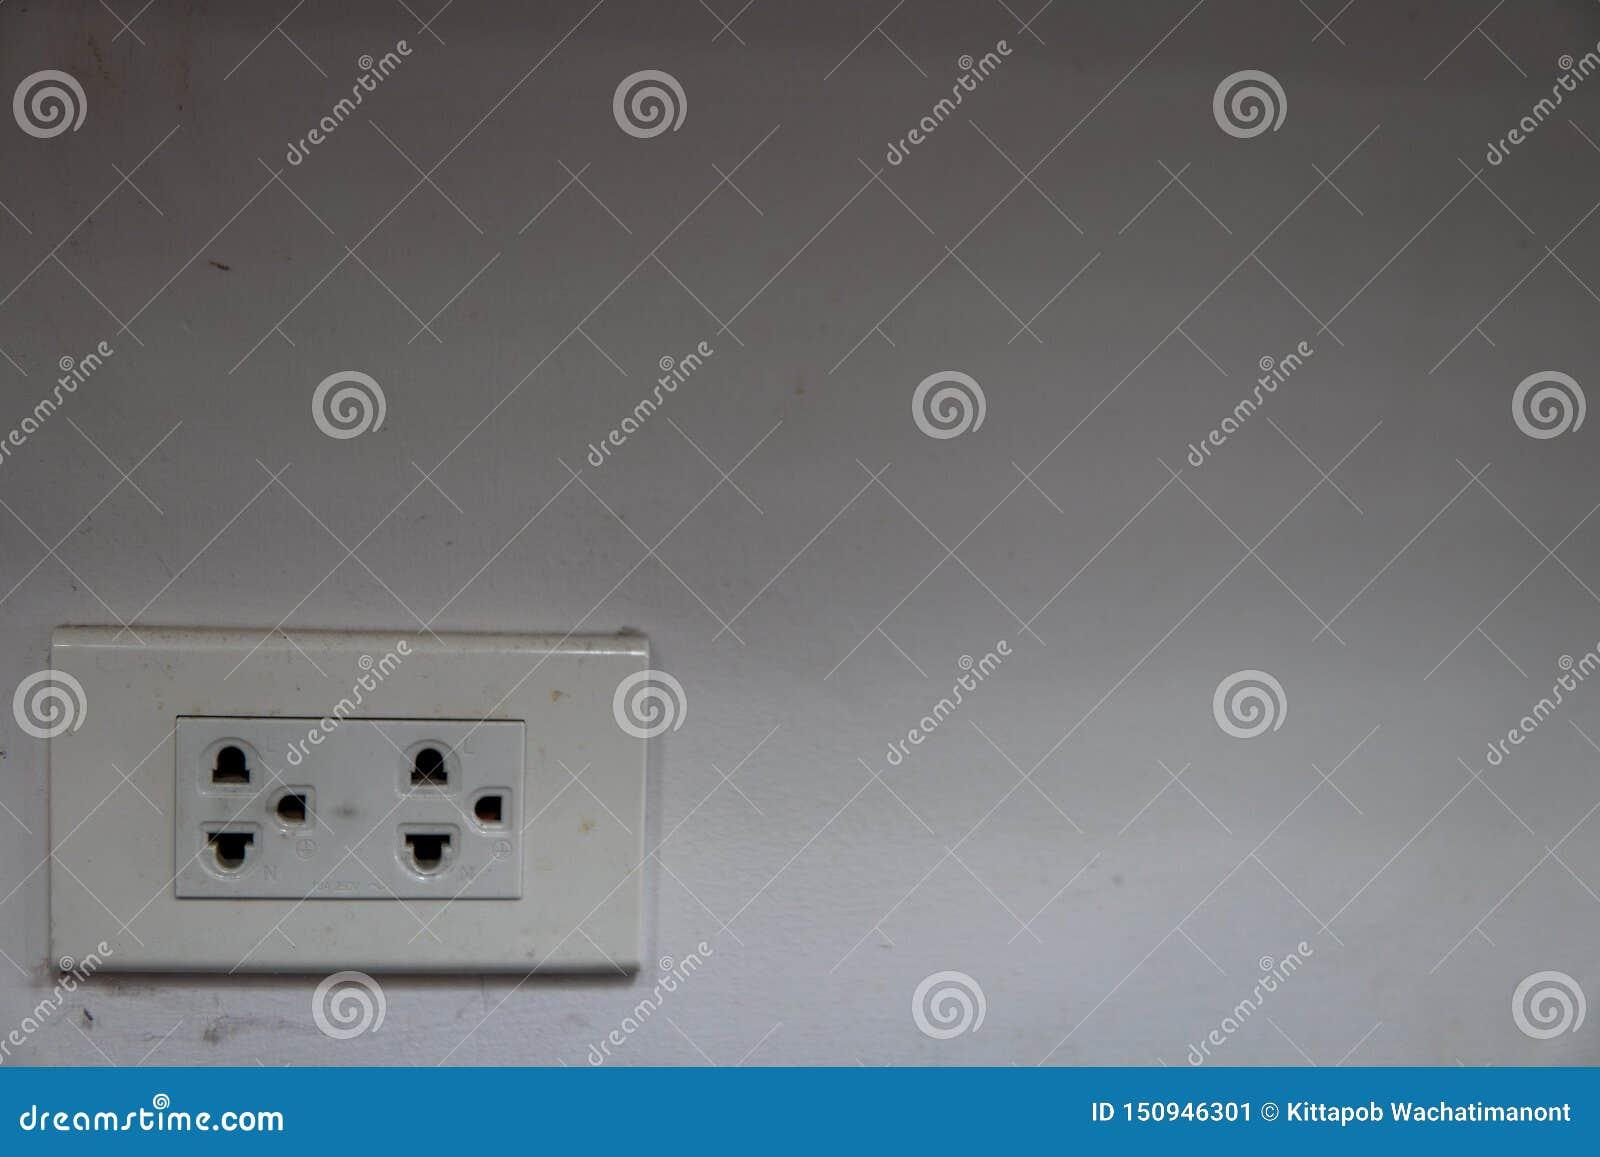 Tomas de corriente con la araña ondulada en una pared blanca sucia en una esquina del cuarto